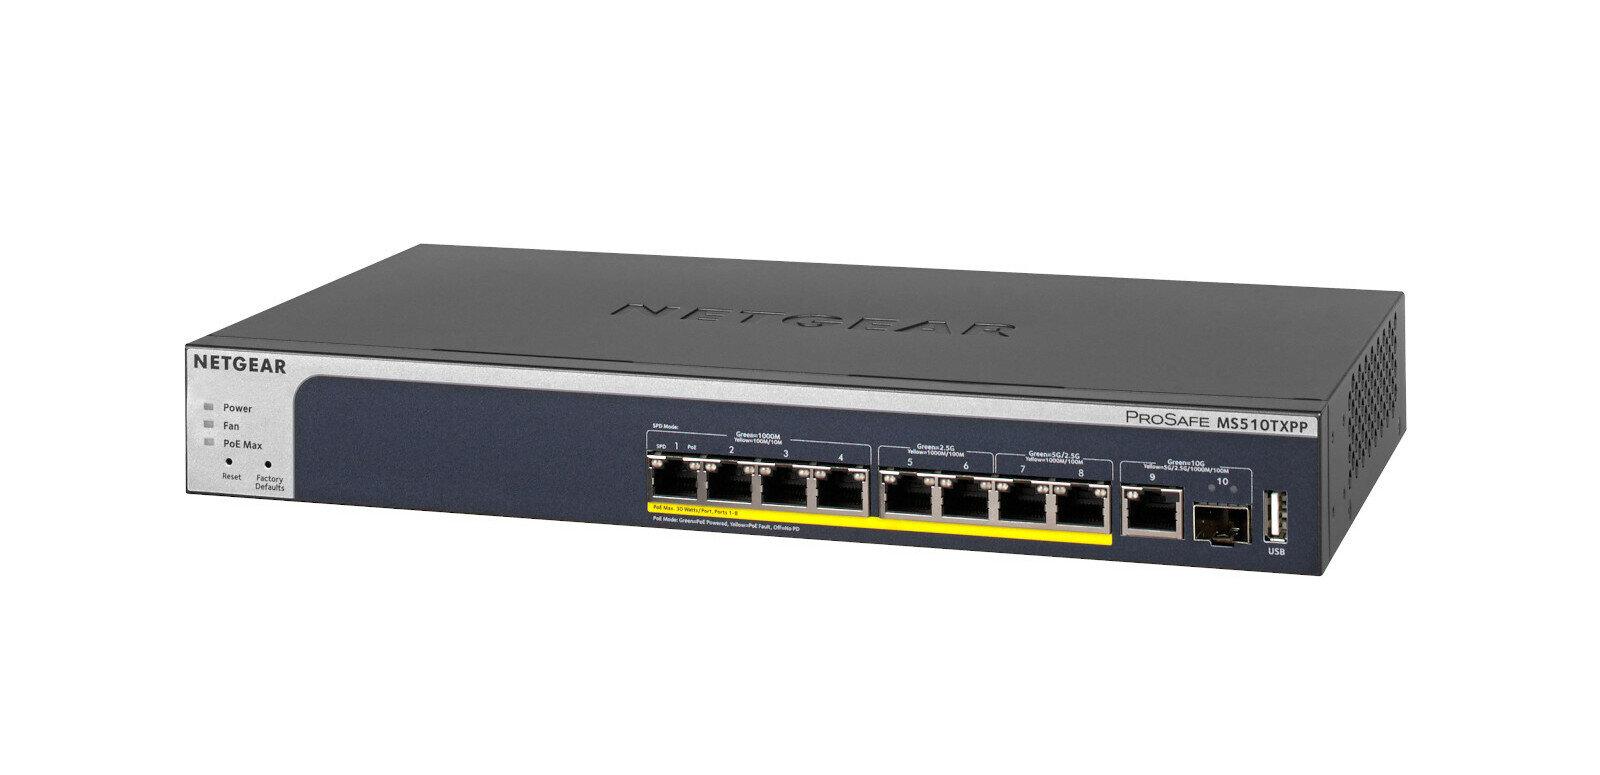 Netgear MS510TX(PP) : le switch Multi-Gig/10G parfait pour la Freebox Delta, quelle fibre choisir ?